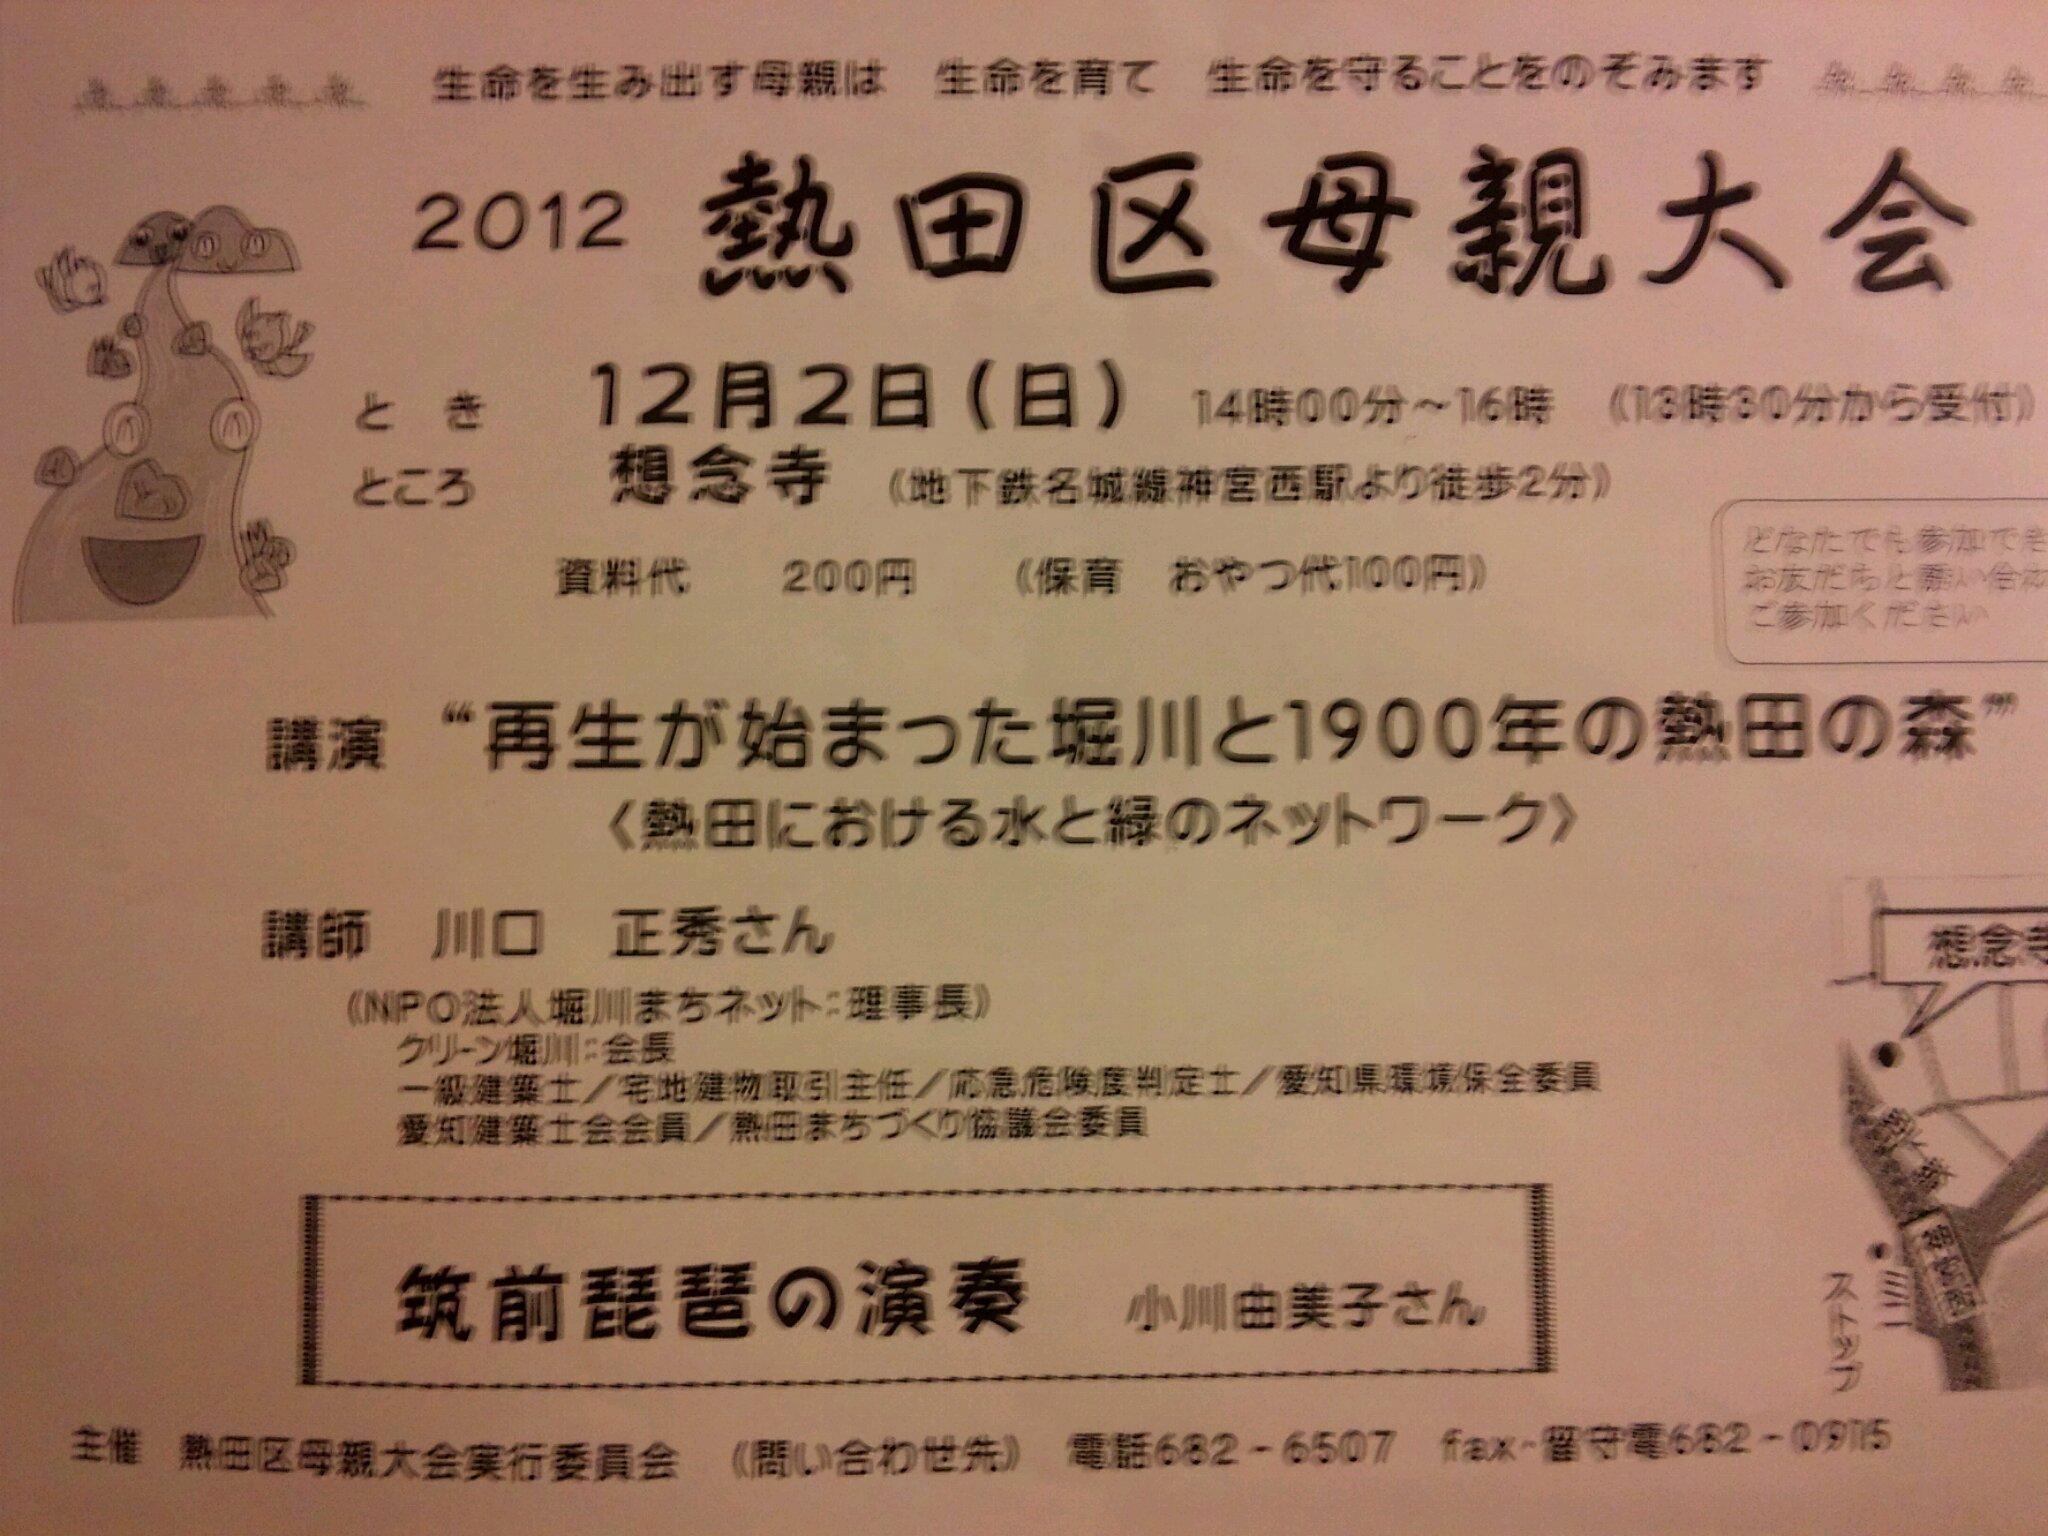 ご案内 12/2